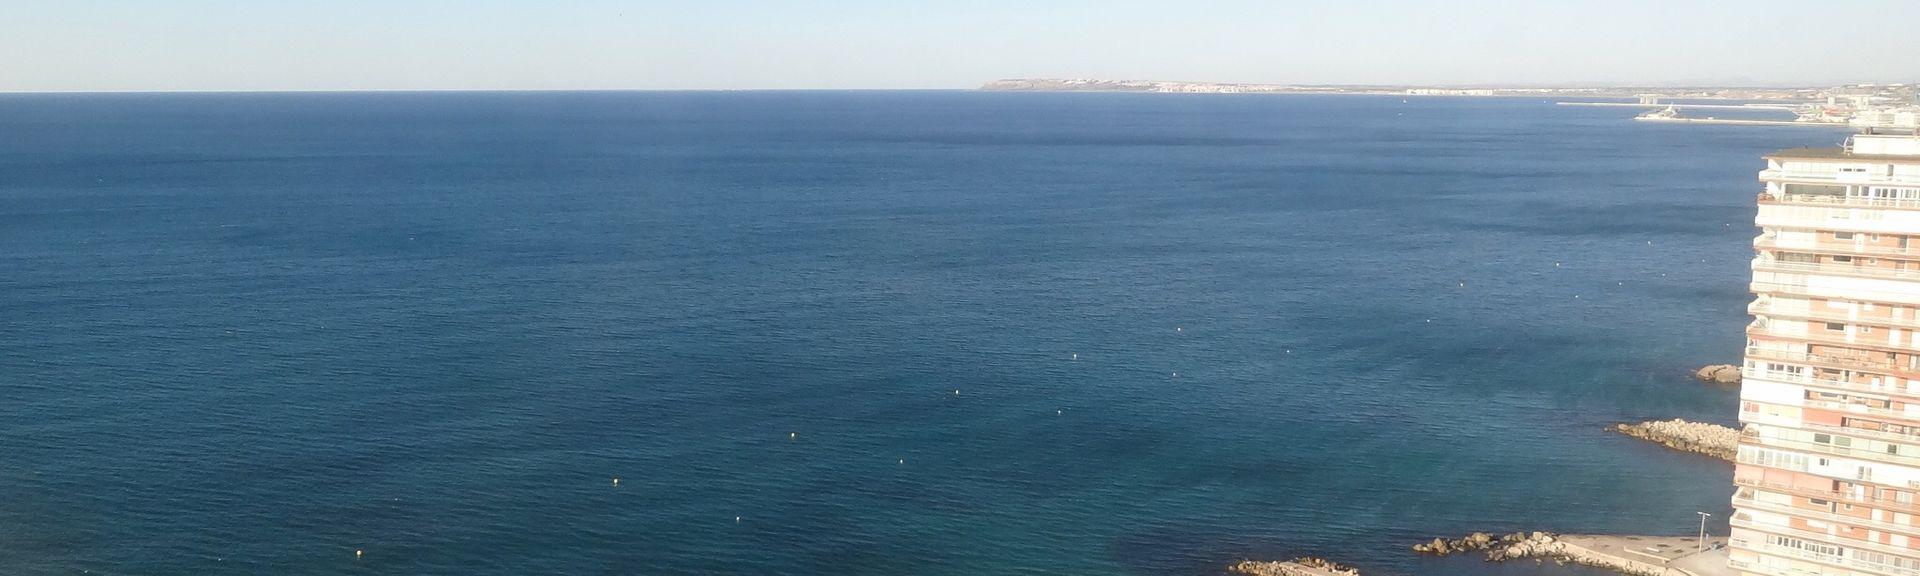 Cabo de las Huertas, Alicante, Communauté valencienne, Espagne